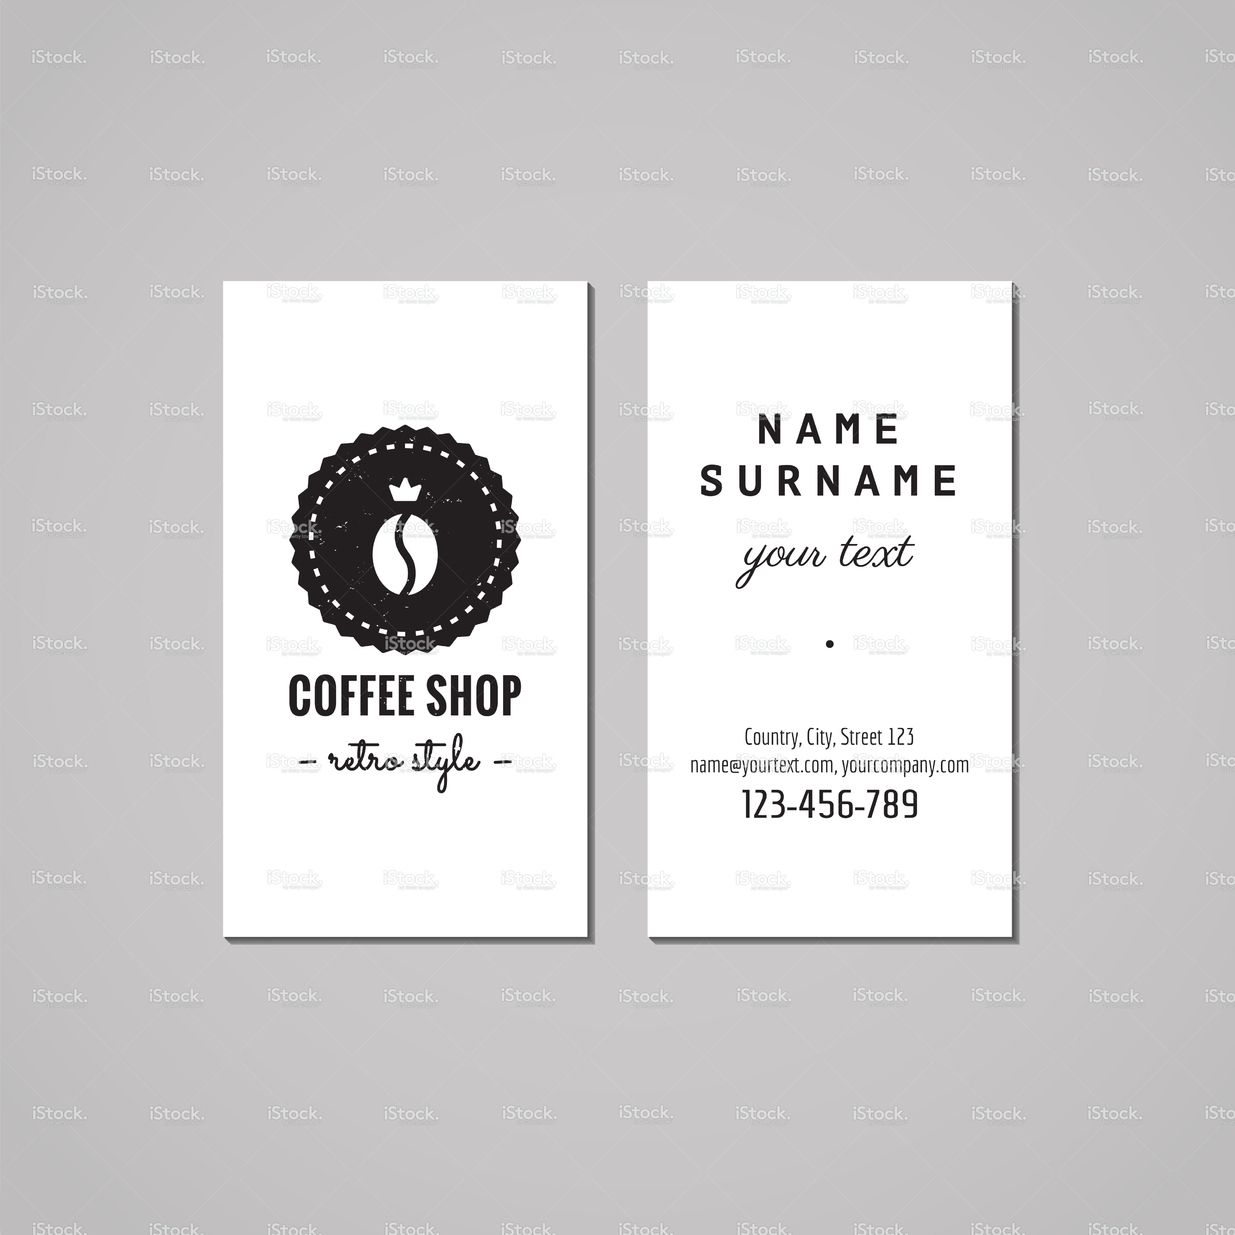 Art logo logo s coffee logo coffee shop coffee design shop logo coffee - Coffee Shop Business Card Design Concept Logo Badge With Coffee Bean Stock Vector Art